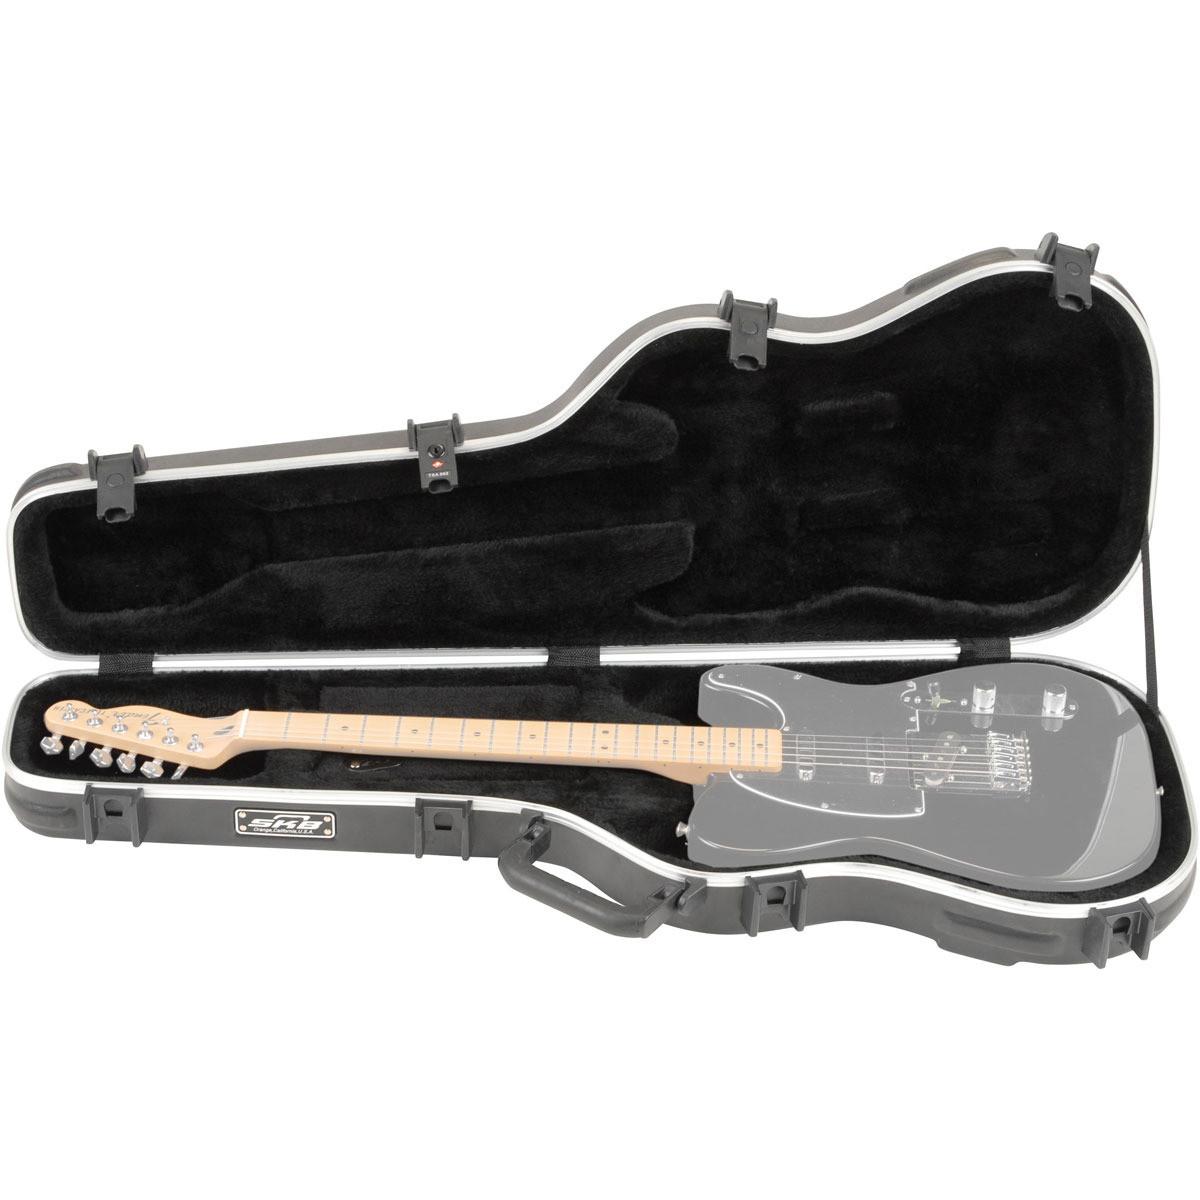 skb standard electric guitar case box opened at. Black Bedroom Furniture Sets. Home Design Ideas